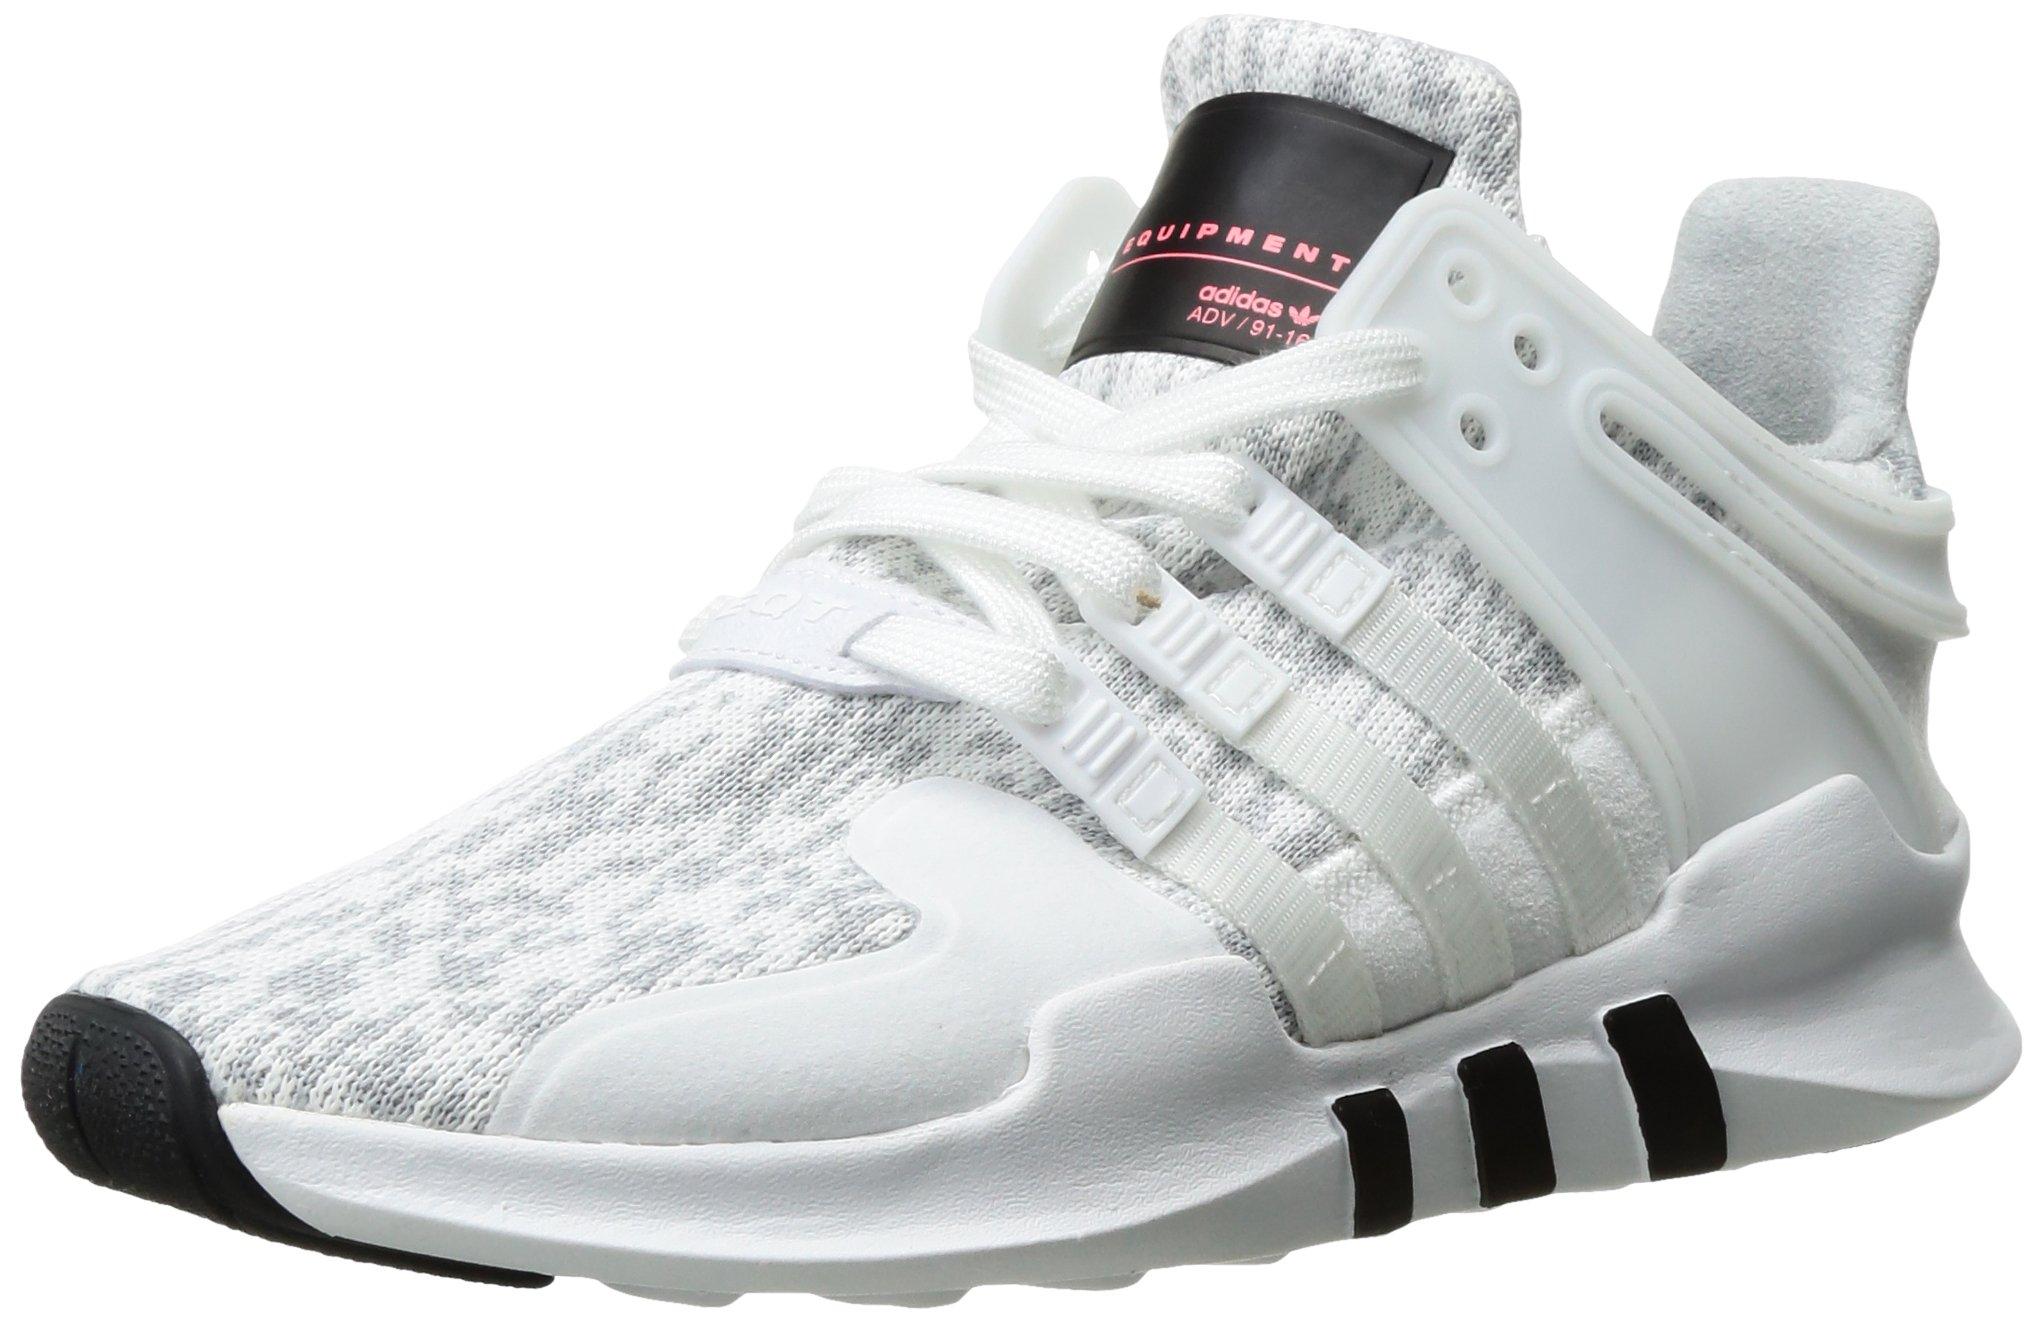 adidas EQT Support ADV White Onyx